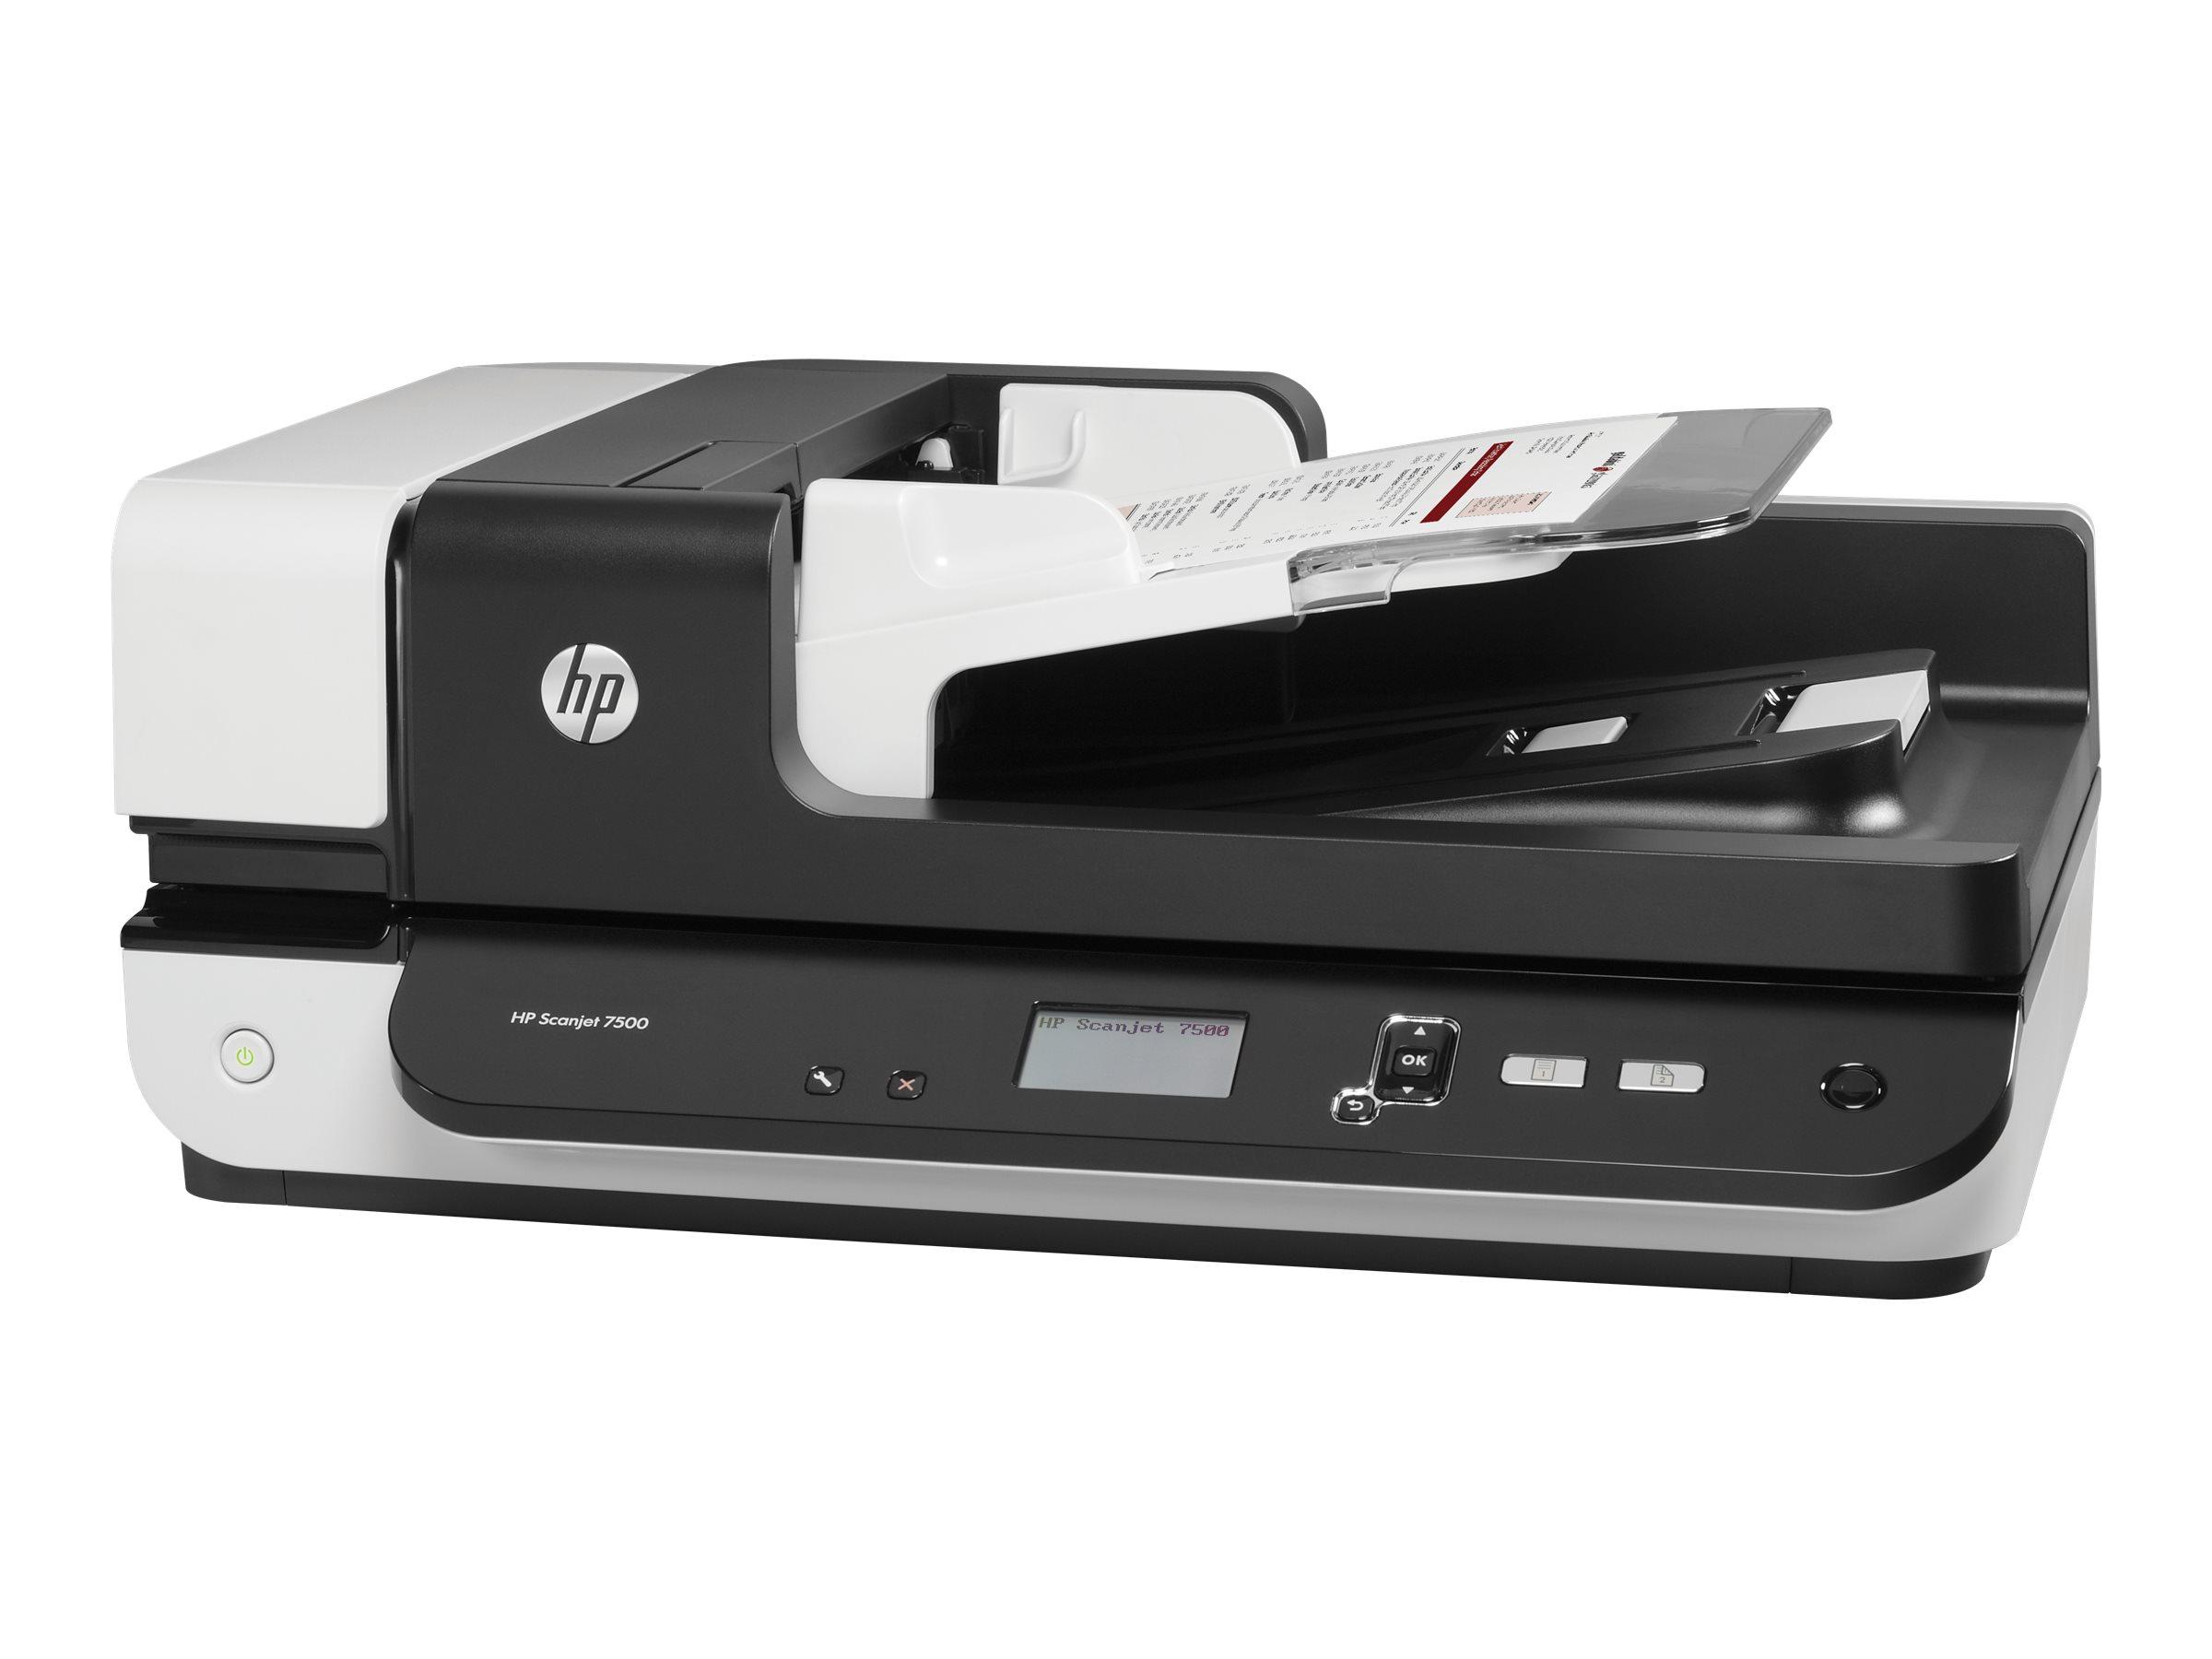 HP ScanJet Enterprise 7500 - Dokumentenscanner - Duplex - 216 x 864 mm - 600 dpi x 600 dpi - bis zu 50 Seiten/Min. (einfarbig)